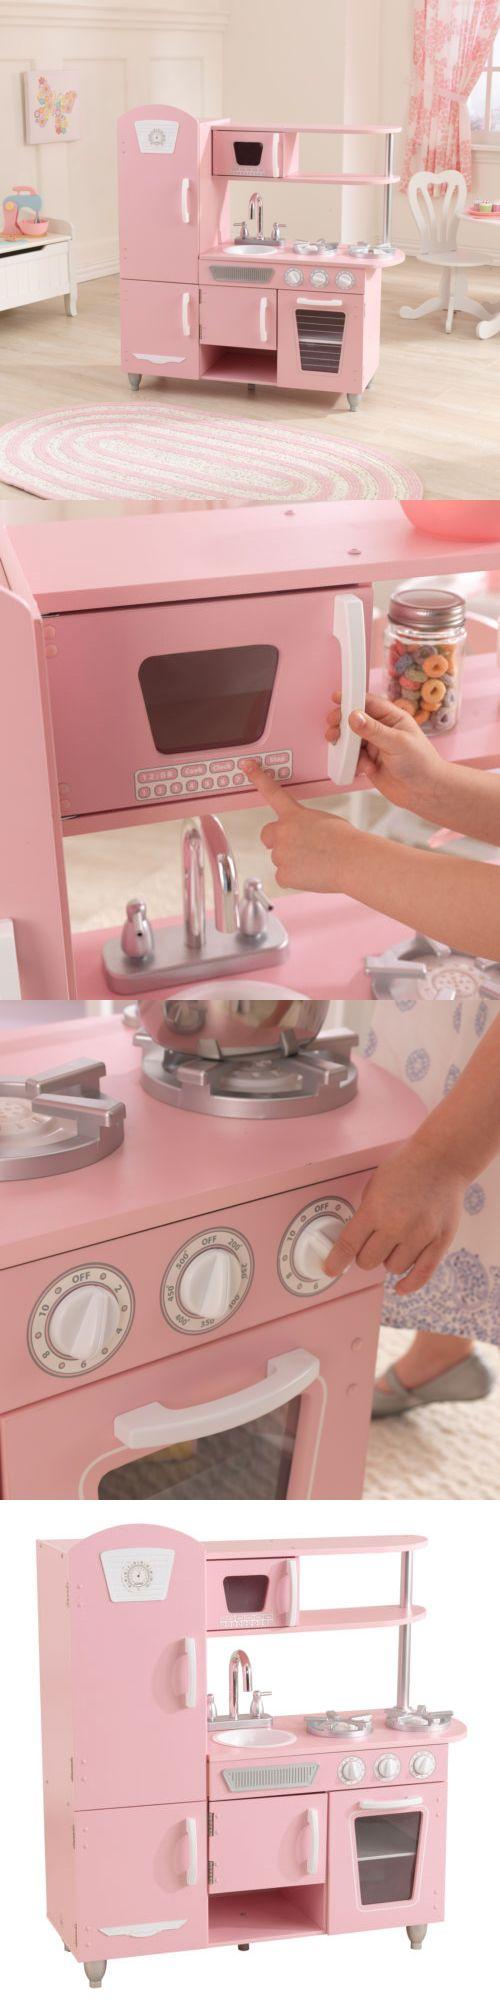 best 25 kidkraft kitchen ideas on pinterest toddler kitchen kitchens 158746 vintage wooden play kitchen pink kidkraft preschool toy play pretend interaction